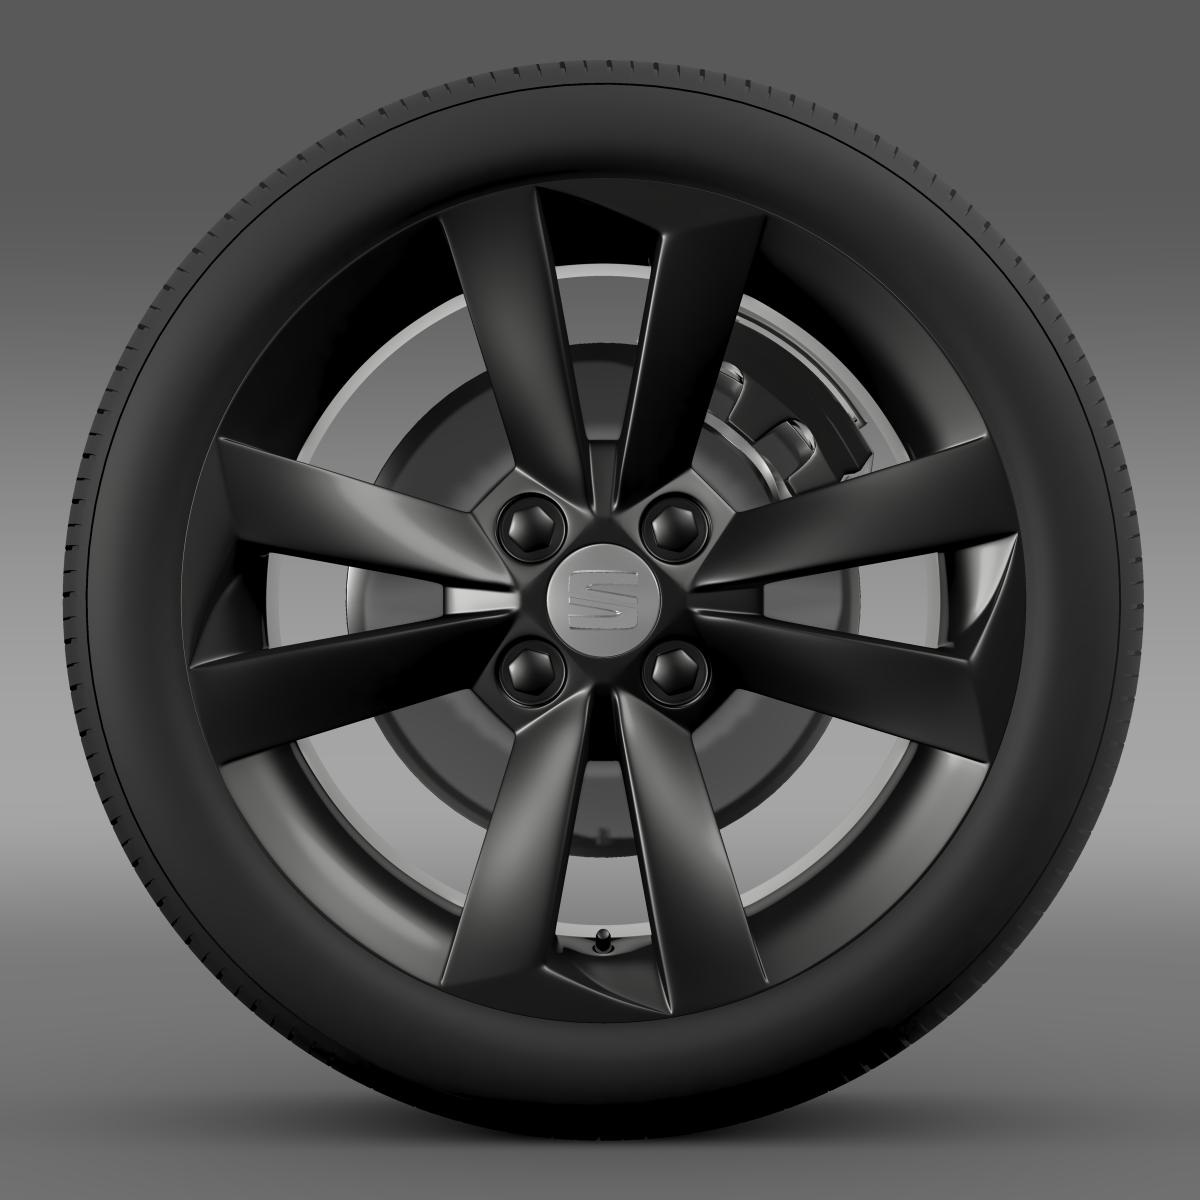 seat mii vibora negra wheel 3d model 3ds max fbx c4d lwo ma mb hrc xsi obj 210843